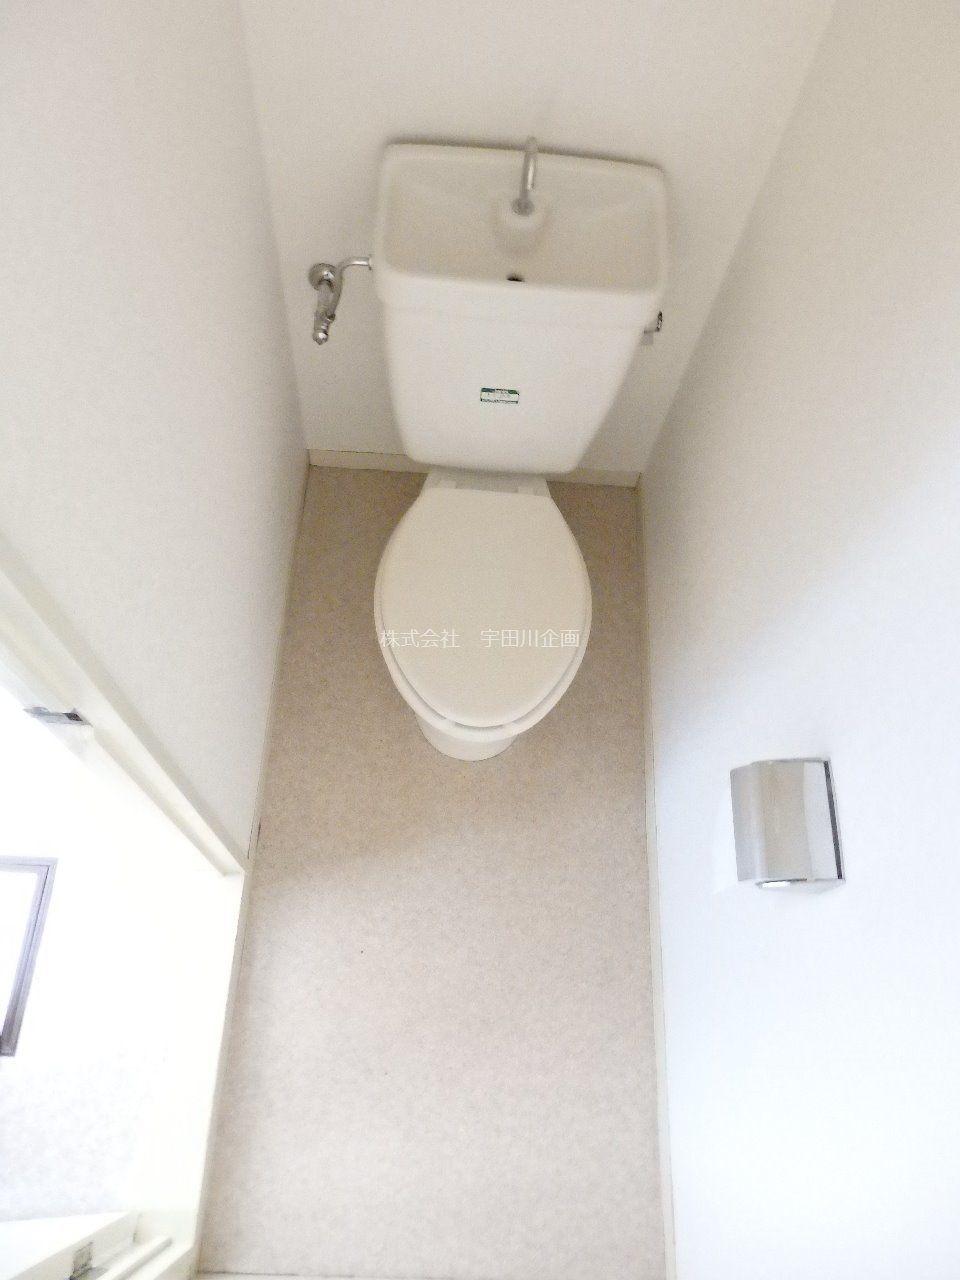 白を基調とした、清潔感溢れる洋式トイレです。